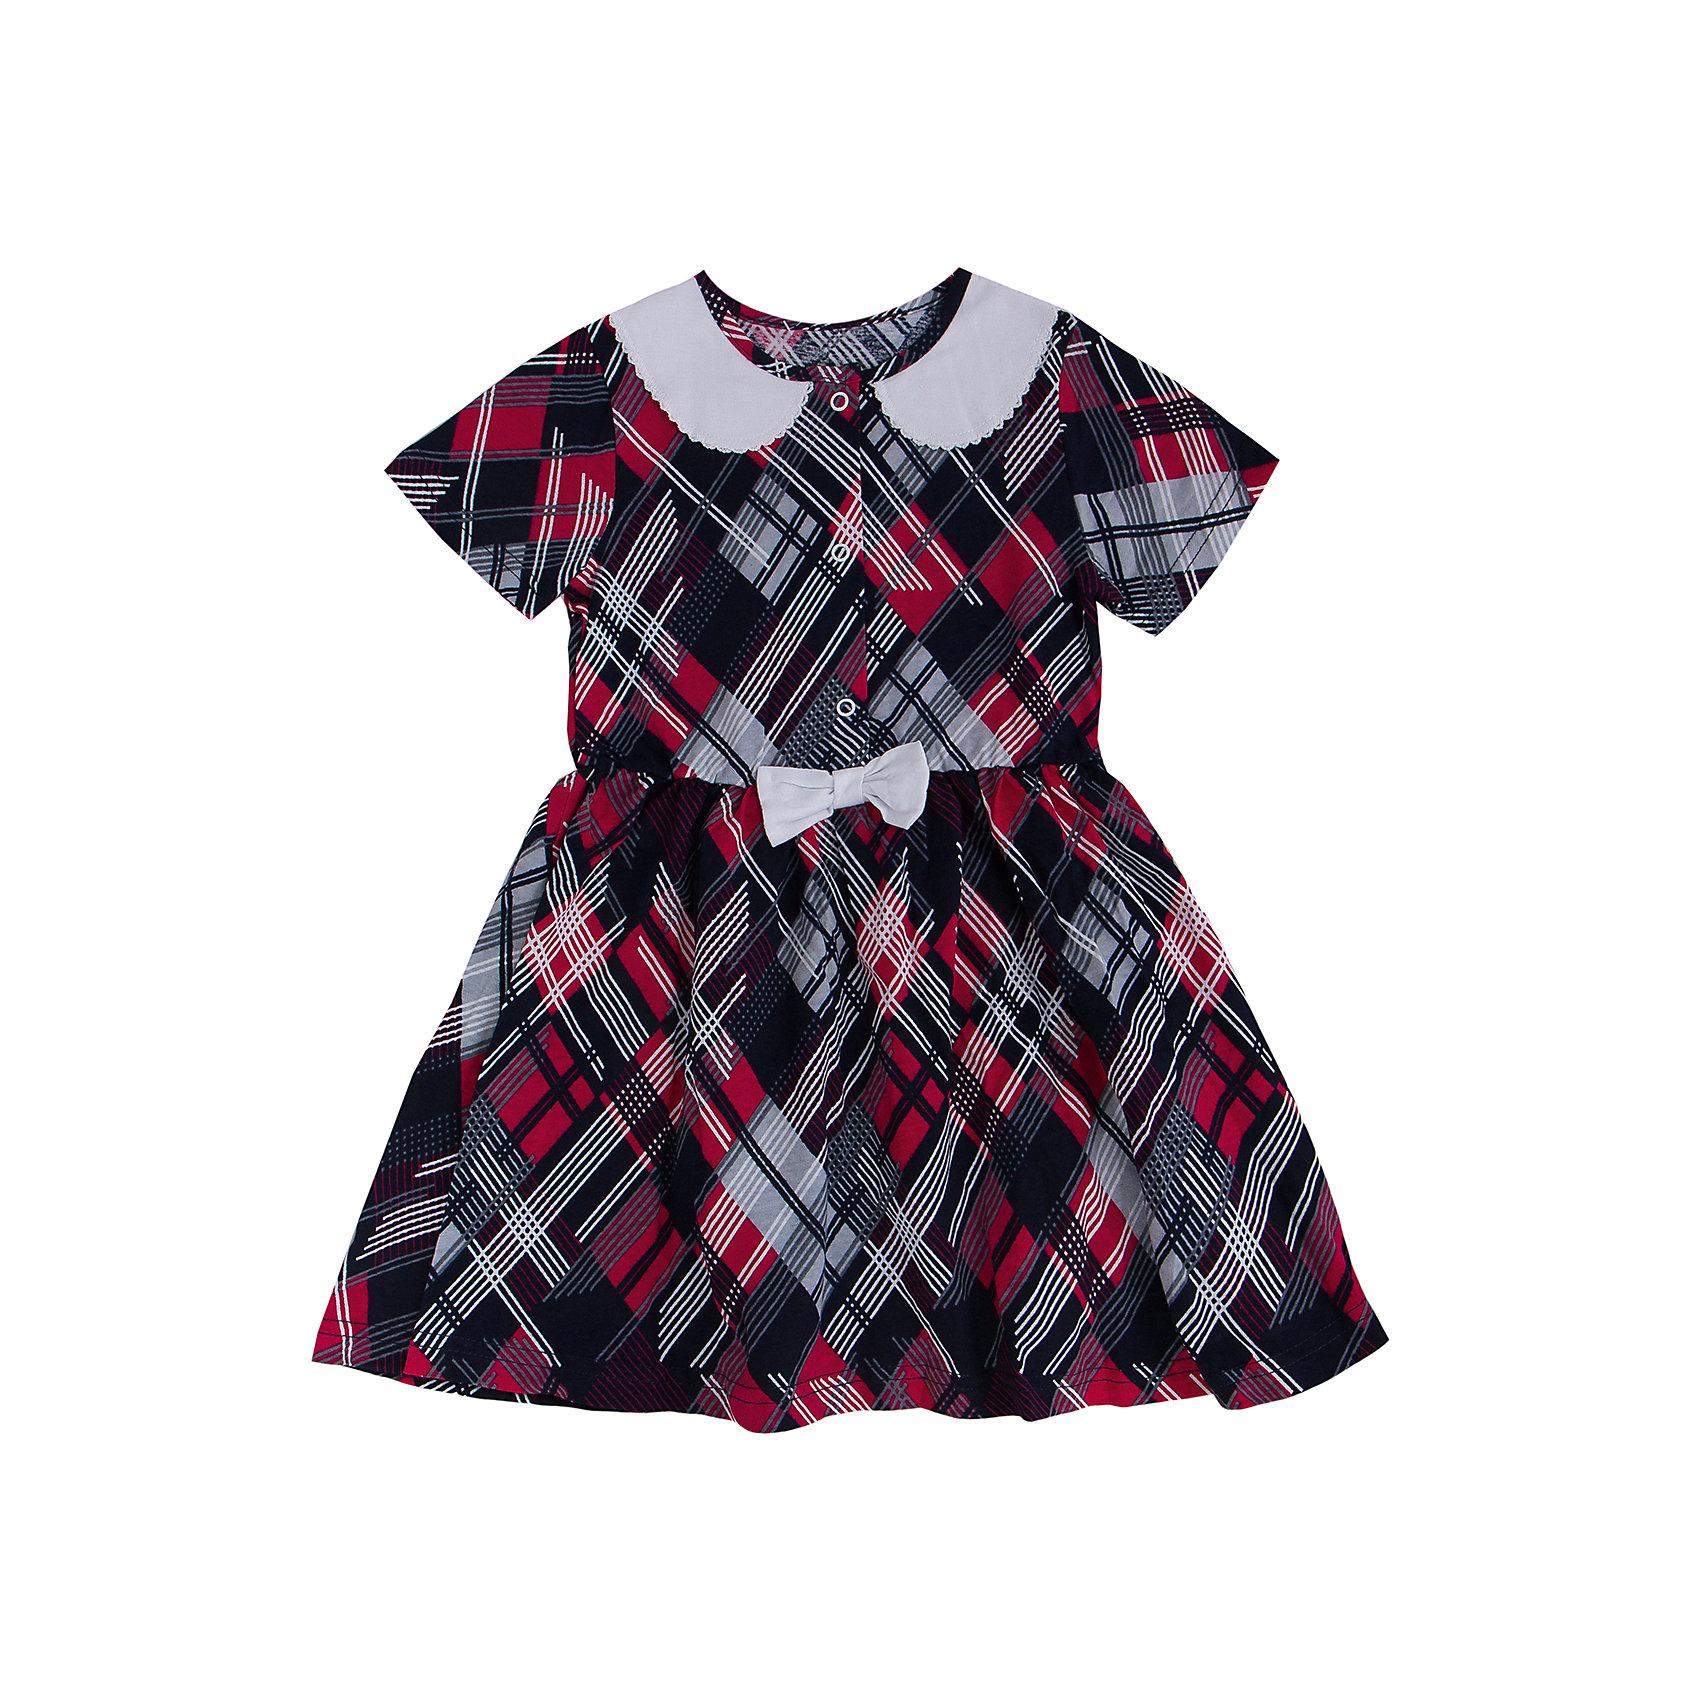 Платье АпрельКрасивое платье от торговой марки Апрель выполнено из мягкого, эластичного полотна. Платье без рукавов, округлым вырезом горловины, декорировано белым бантиком. Оригинальный дизайн и модная расцветка делают его незаменимым предметом детского гардероба. Рекомендуется деликатная машинная стирка без предварительного замачивания.<br><br>Дополнительная информация: <br><br>- цвет: розовый, белый, серый<br>- состав: хлопок 100%<br>- длина рукава: без рукавов<br>- вид бретелек: без бретелек<br>- длина изделия: по спинке: 48 см<br>- вид застежки: без застежки<br>- фактура материала: трикотажный<br>- длина юбки: мини<br>- тип карманов: без карманов<br>- по назначению: повседневный стиль<br>- сезон: демисезон<br>- пол: девочки<br>- фирма-производитель: Апрель<br>- страна производитель: Россия<br>- комплектация: платье<br><br>Платье от торговой марки Апрель можно купить в нашем интернет-магазине.<br><br>Ширина мм: 236<br>Глубина мм: 16<br>Высота мм: 184<br>Вес г: 177<br>Цвет: разноцветный<br>Возраст от месяцев: 48<br>Возраст до месяцев: 60<br>Пол: Женский<br>Возраст: Детский<br>Размер: 122,110,104,98,116<br>SKU: 4630650